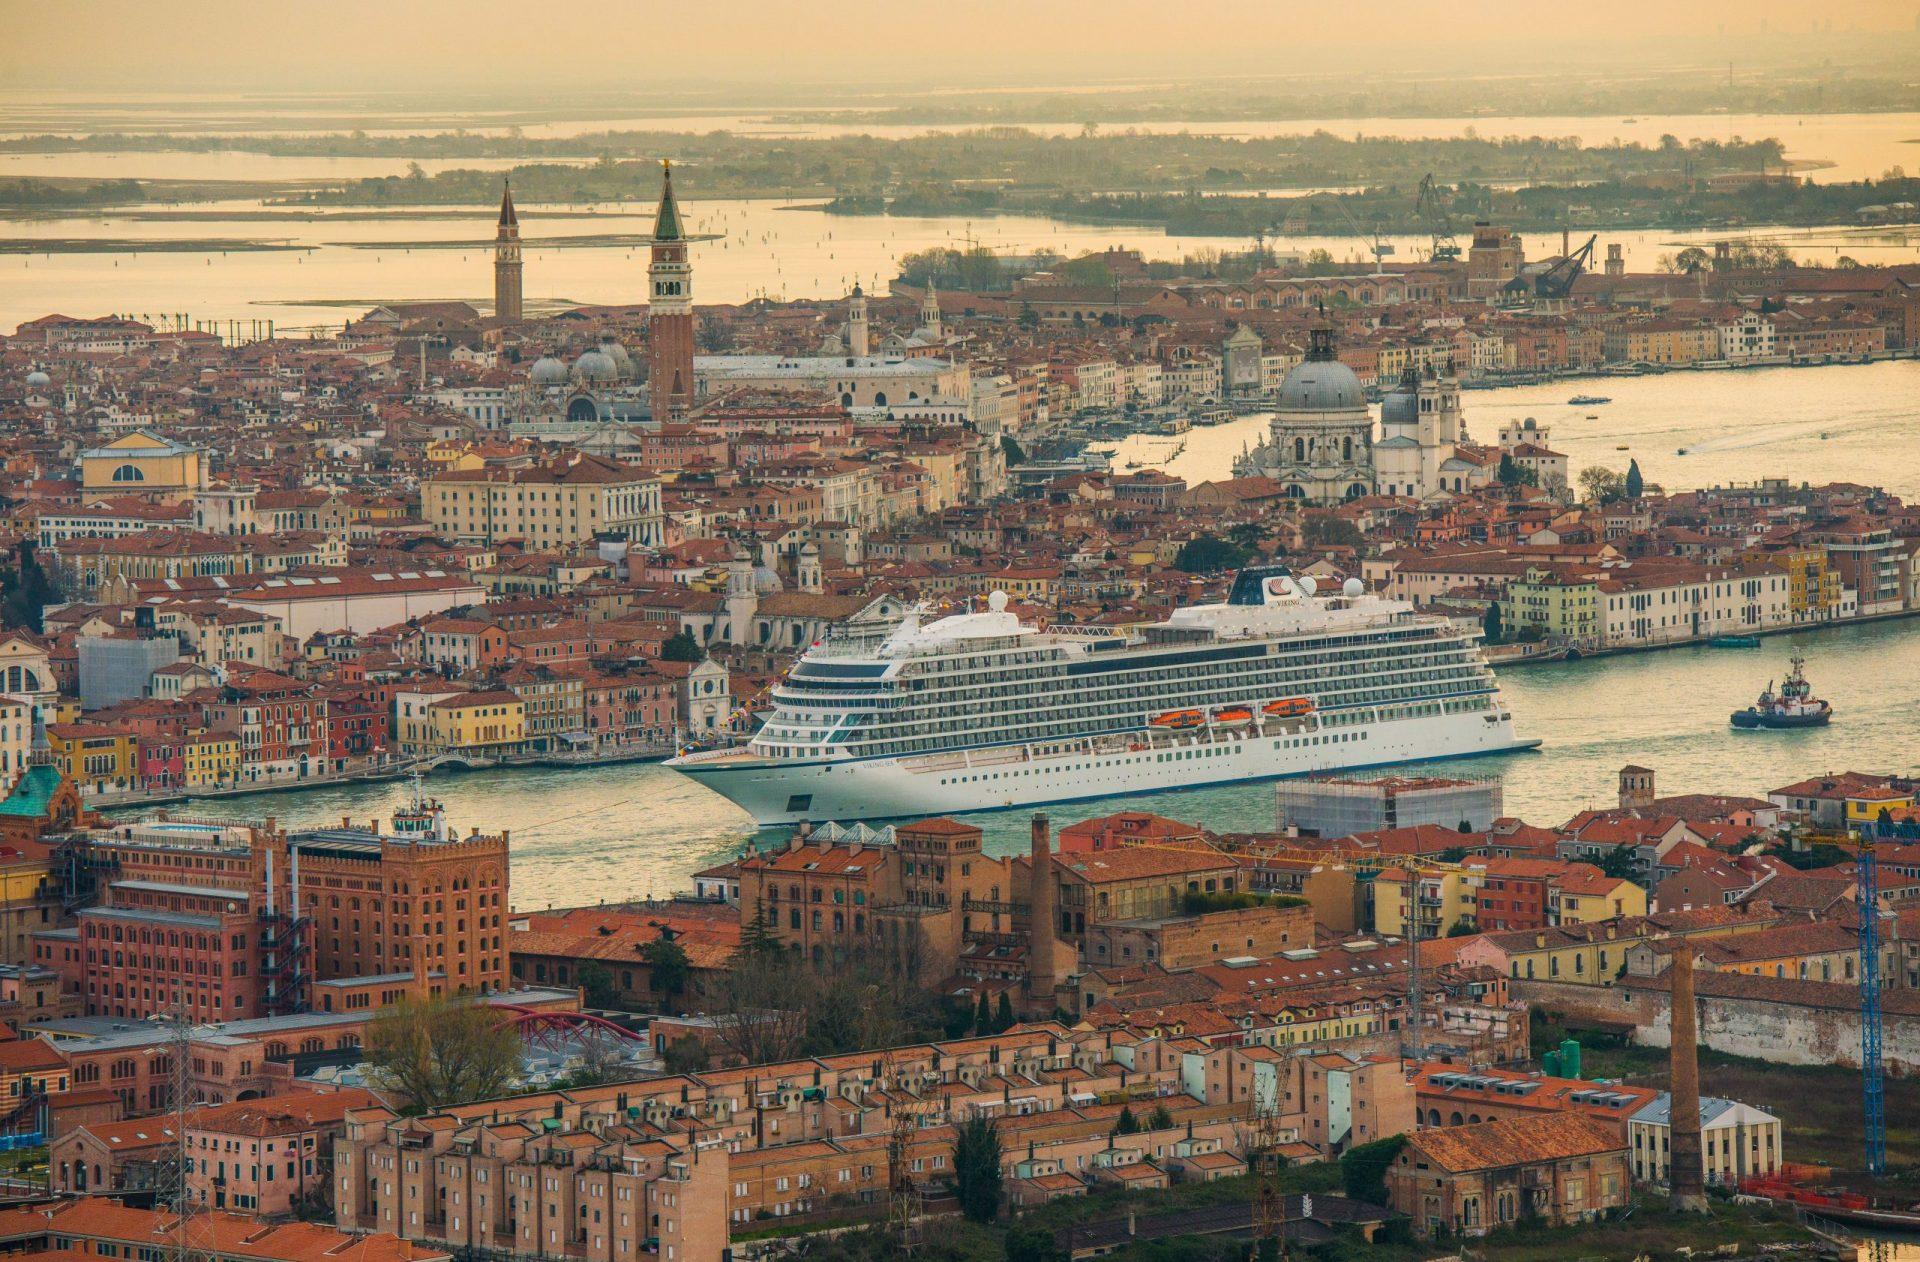 Viking_Ocean_Ship_in_Venice